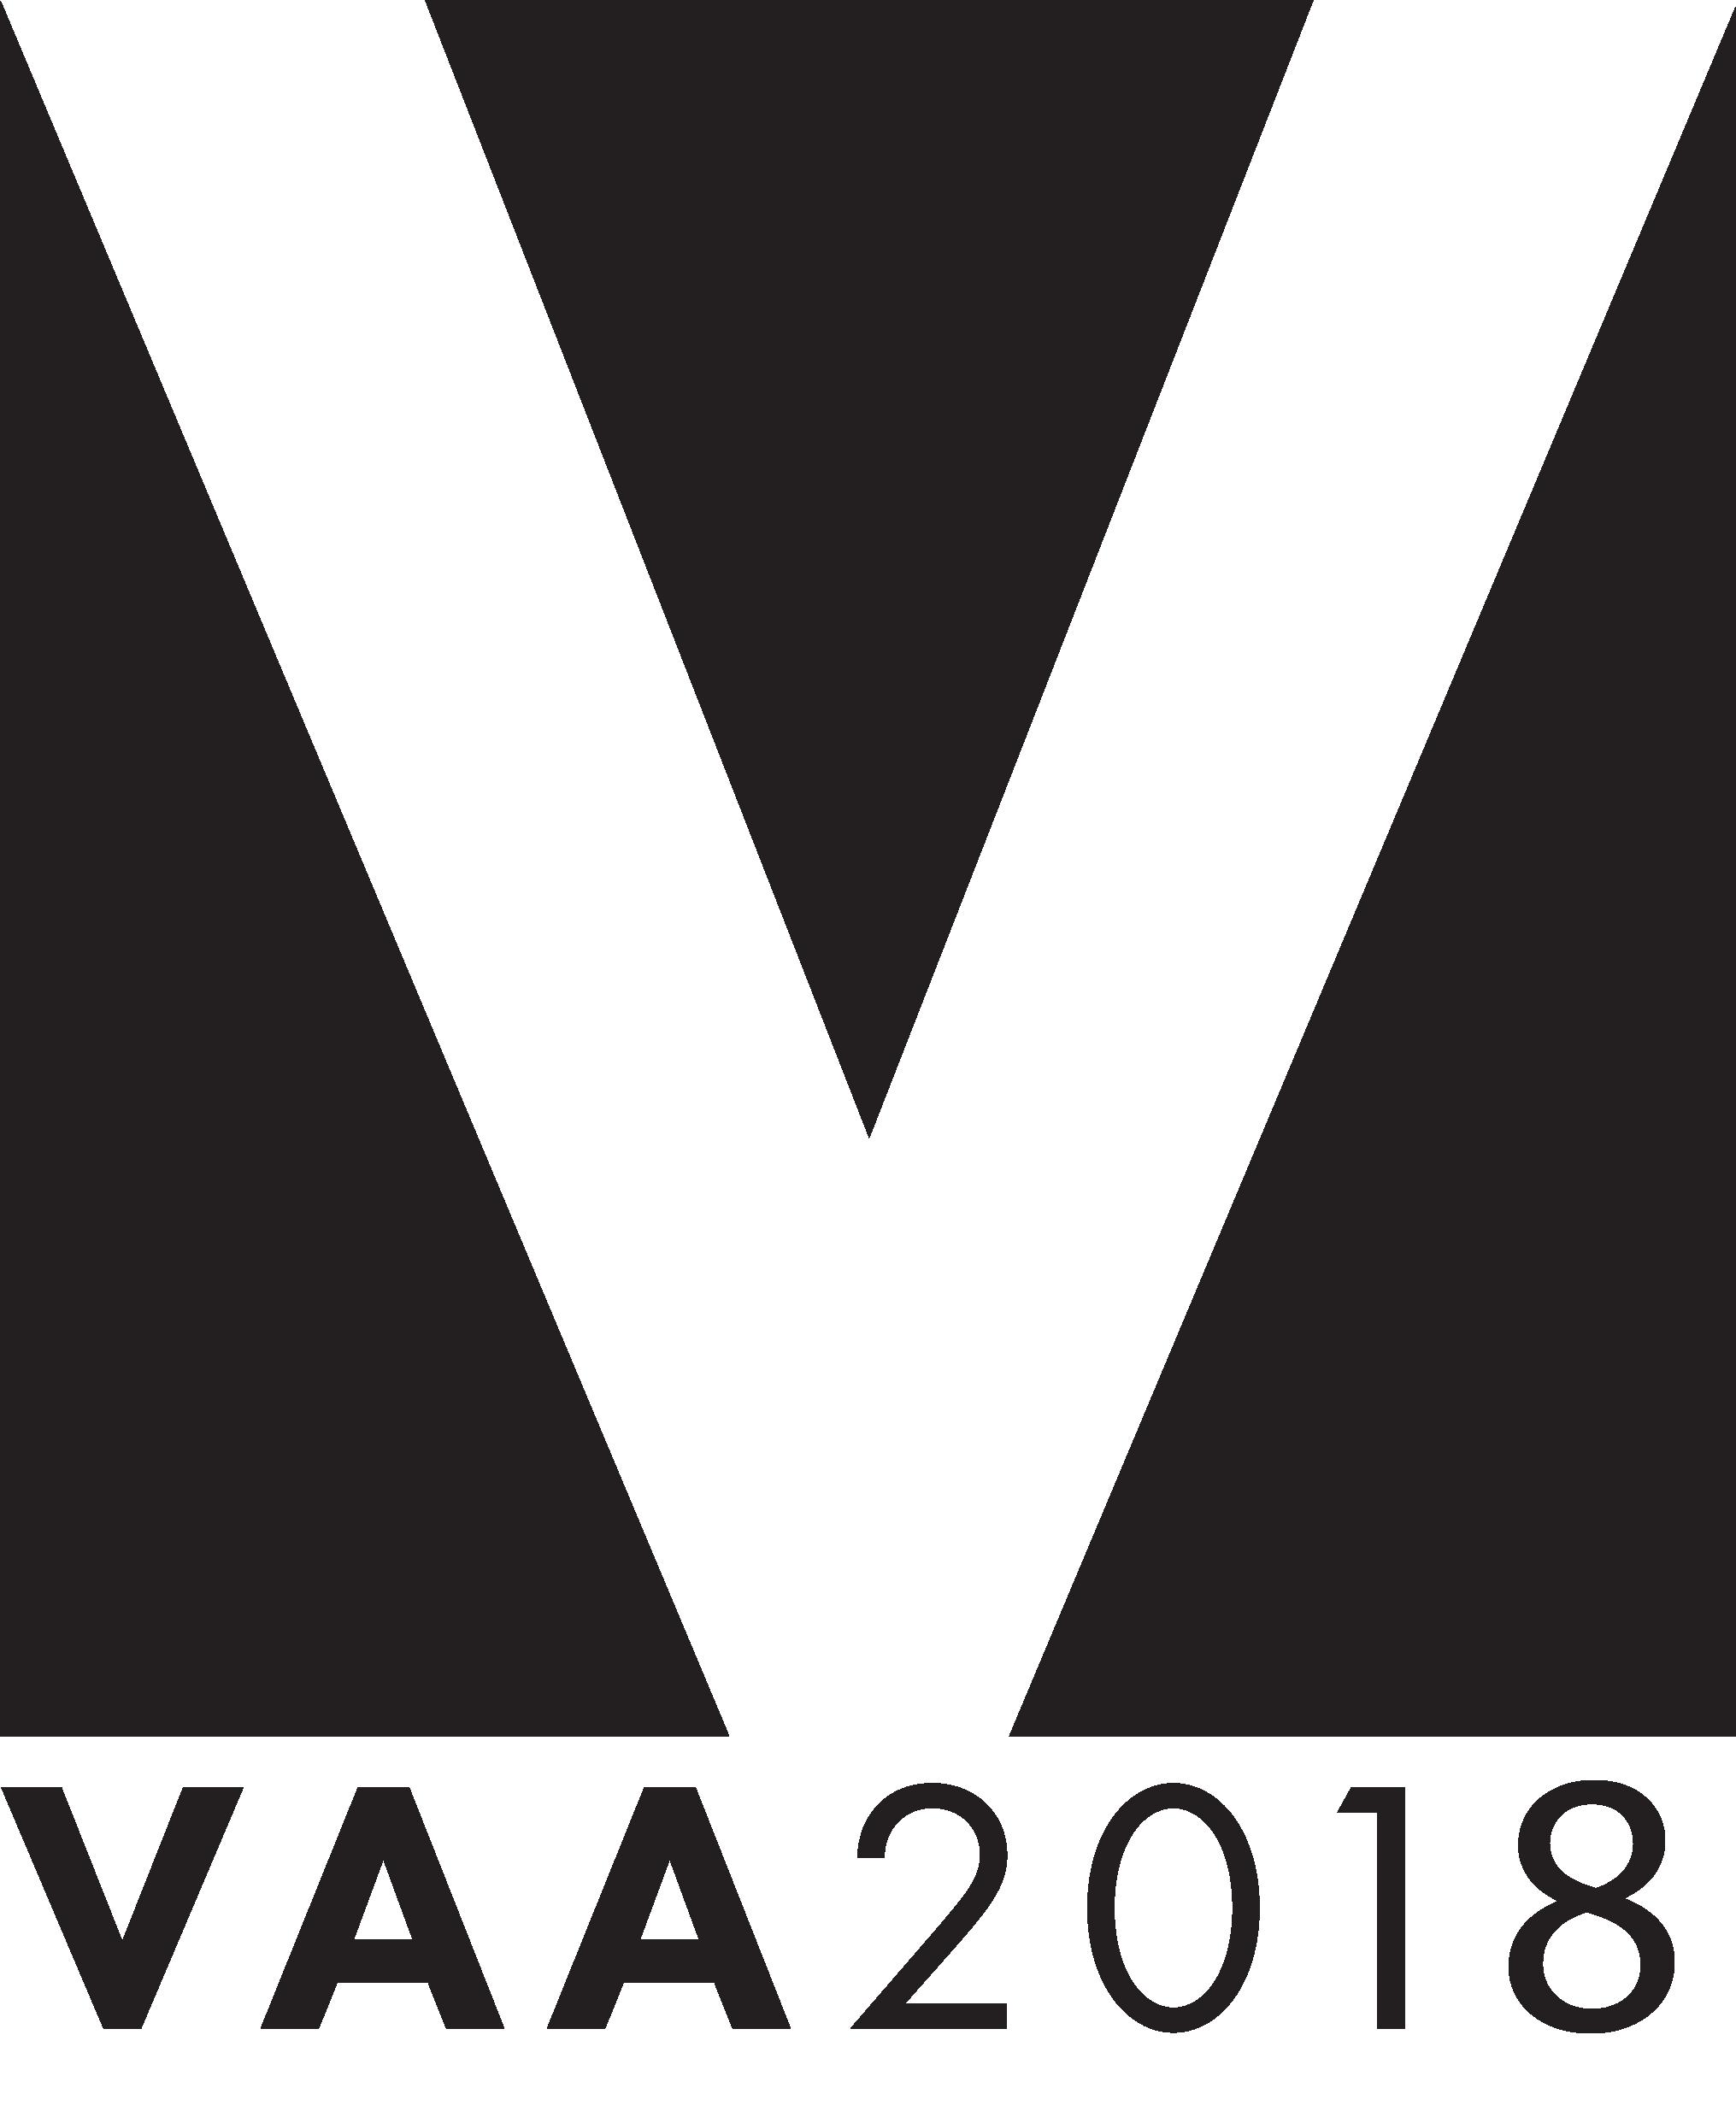 1VAA2018.png